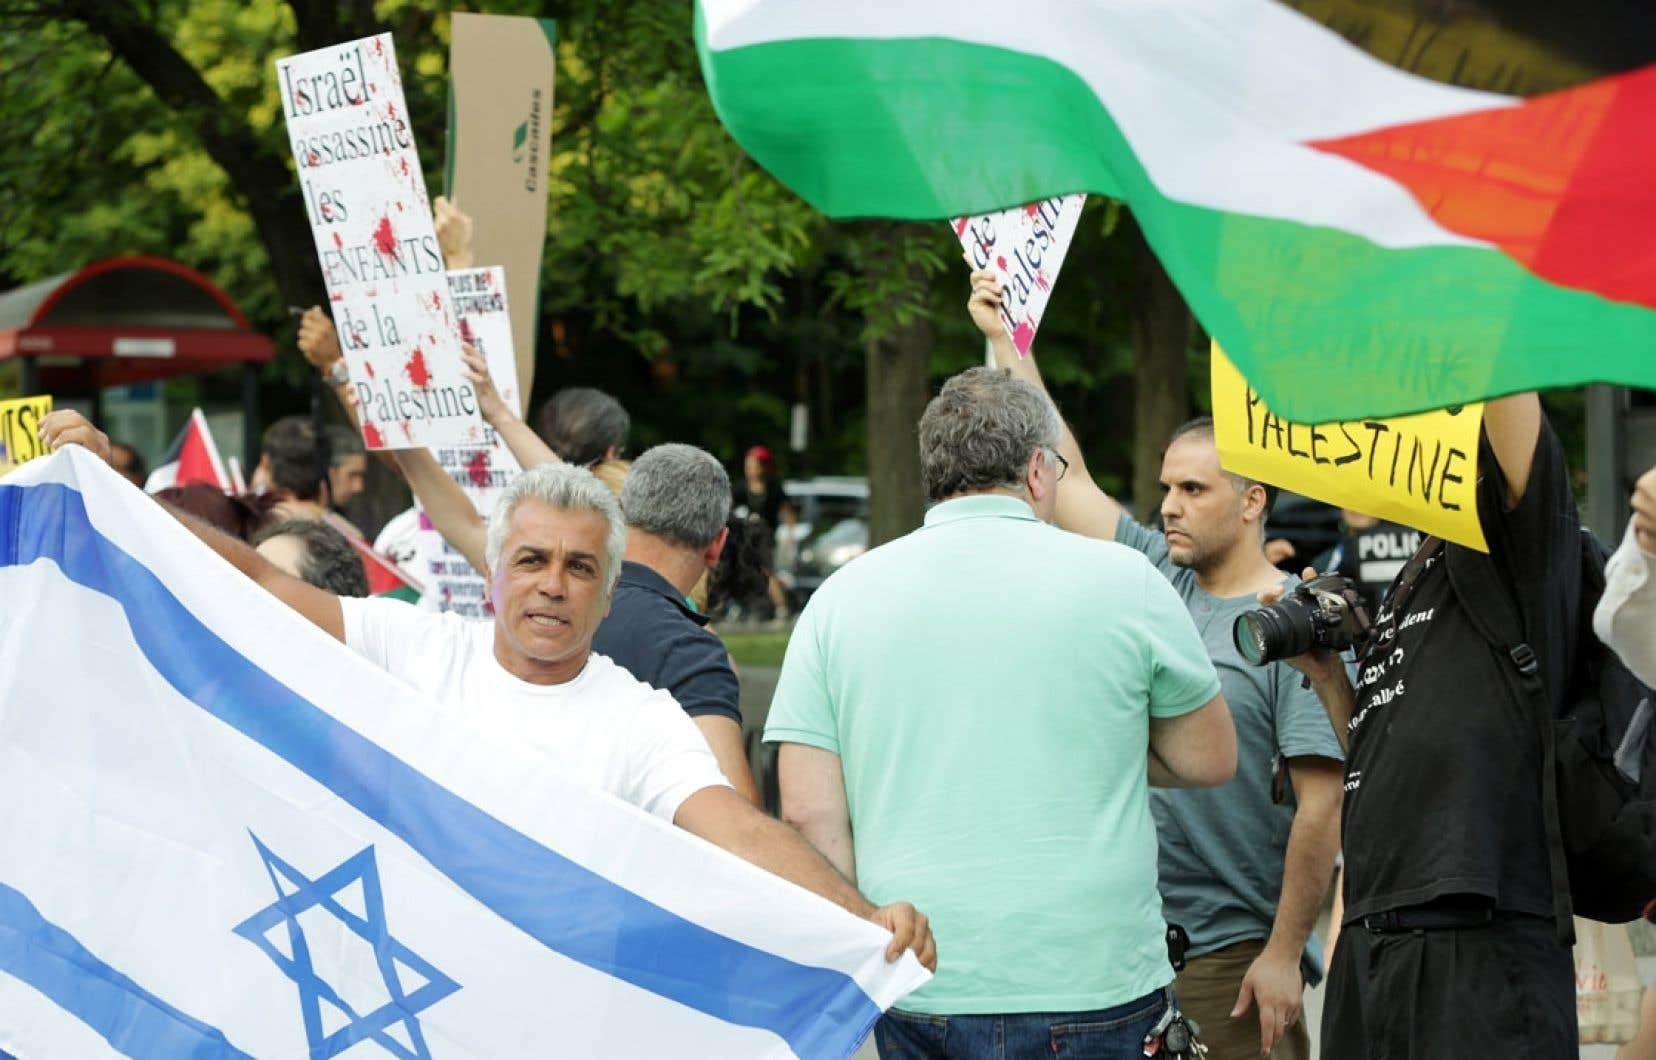 En plus des différentes manifestations de soutien pour l'un ou l'autre camp tenues ces derniers jours à Montréal, des comportements jugés haineux ont été répertoriés et signalés aux autorités policières, qui disent les prendre «très au sérieux».